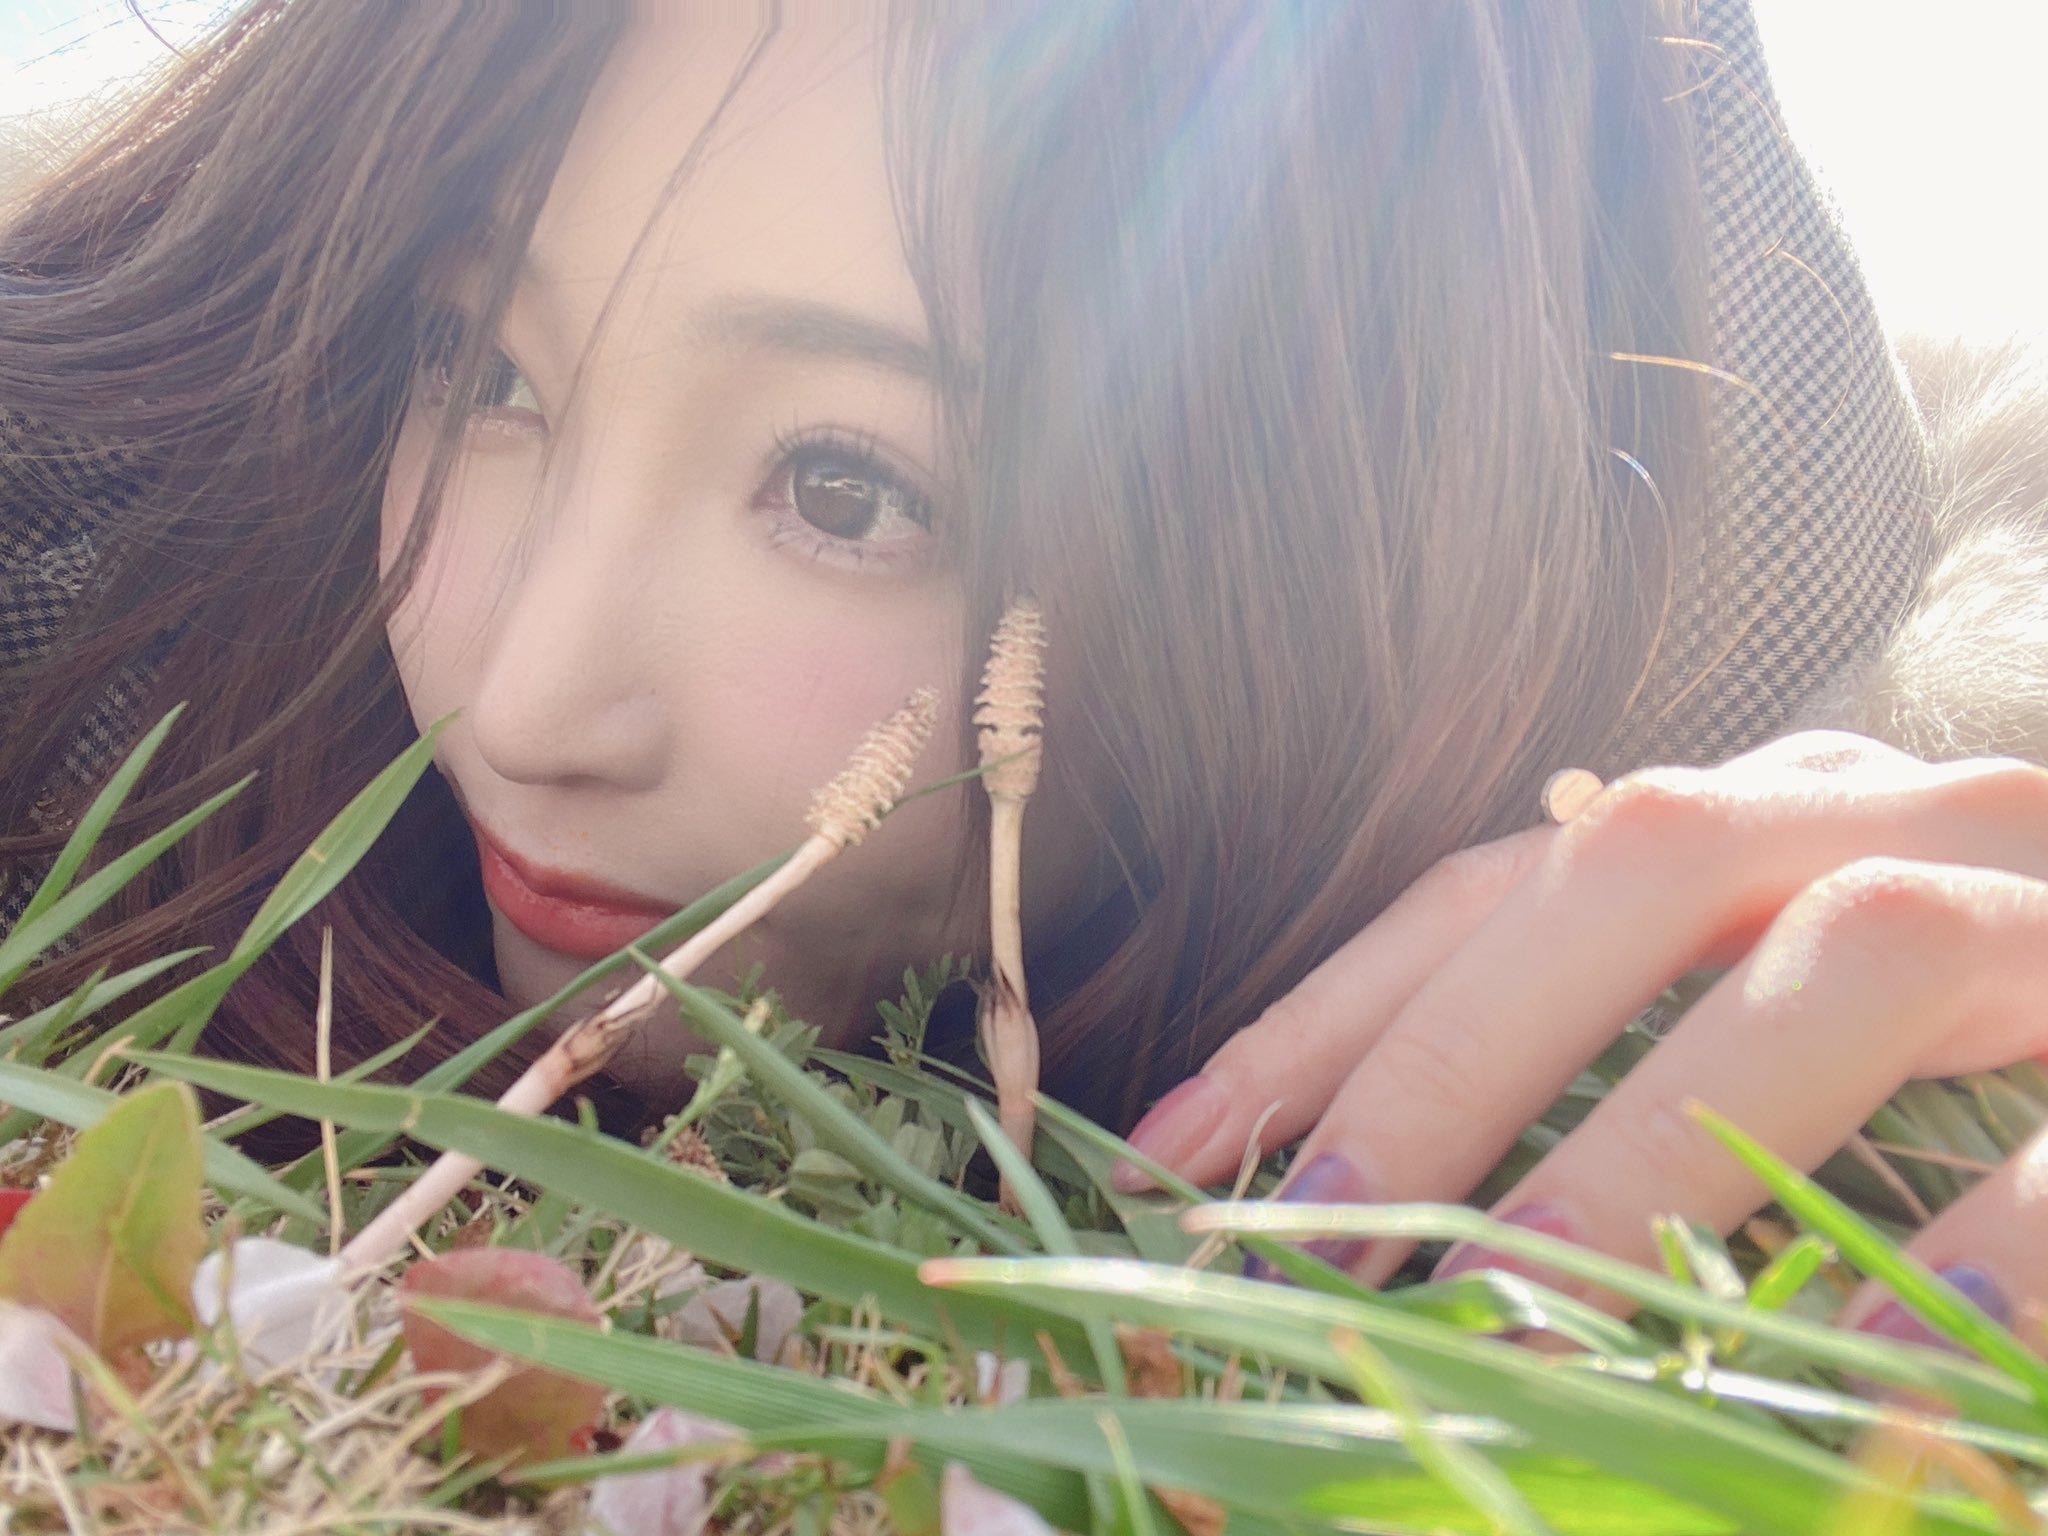 内衣写真 No.11